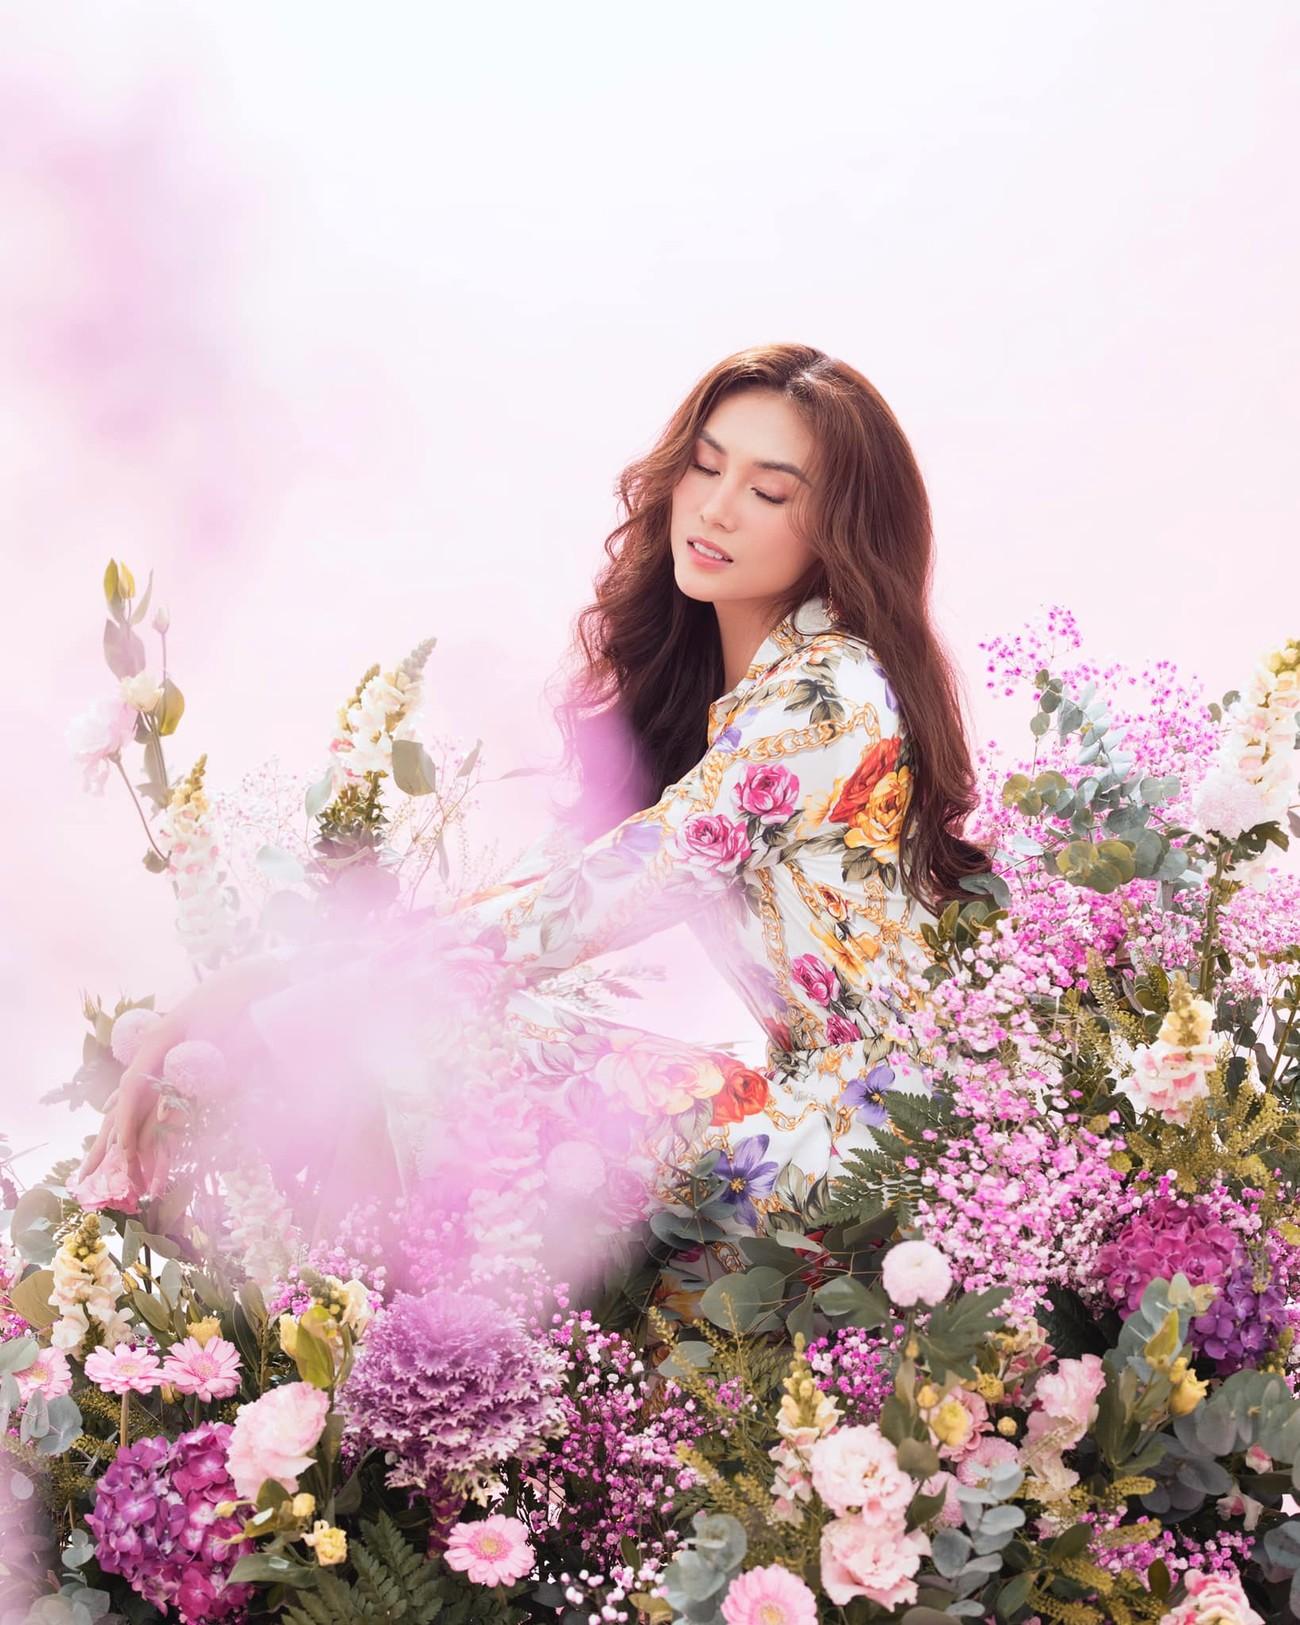 Hoa hậu Đỗ Thị Hà để mặt mộc vẫn đẹp rạng rỡ, H'hen Niê hoá 'nàng Xuân' với áo tứ thân ảnh 5